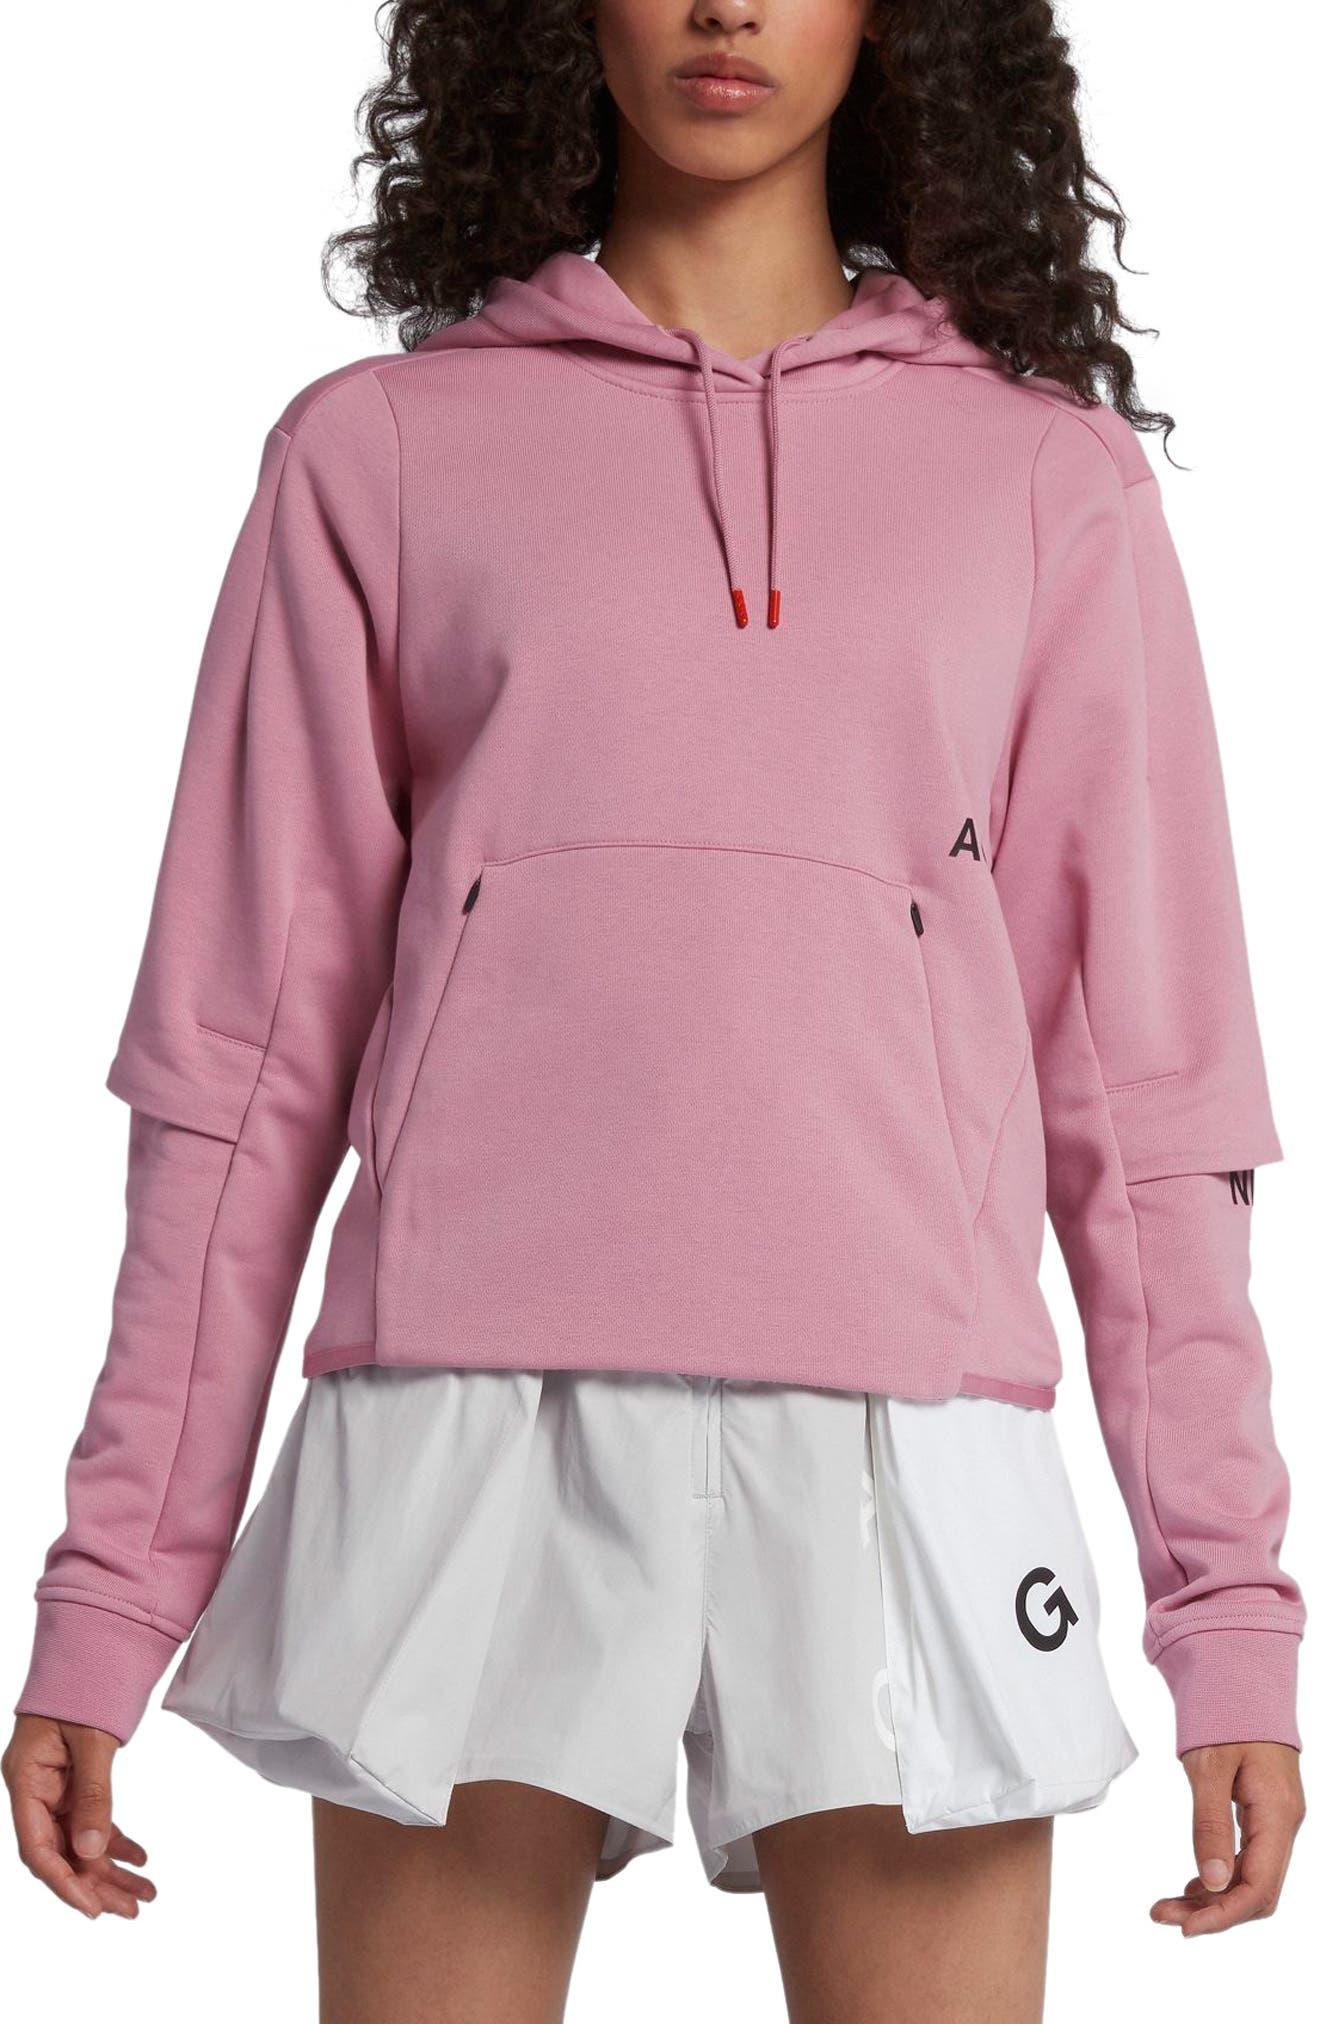 Nike NikeLab ACG Women's Pullover Hoodie